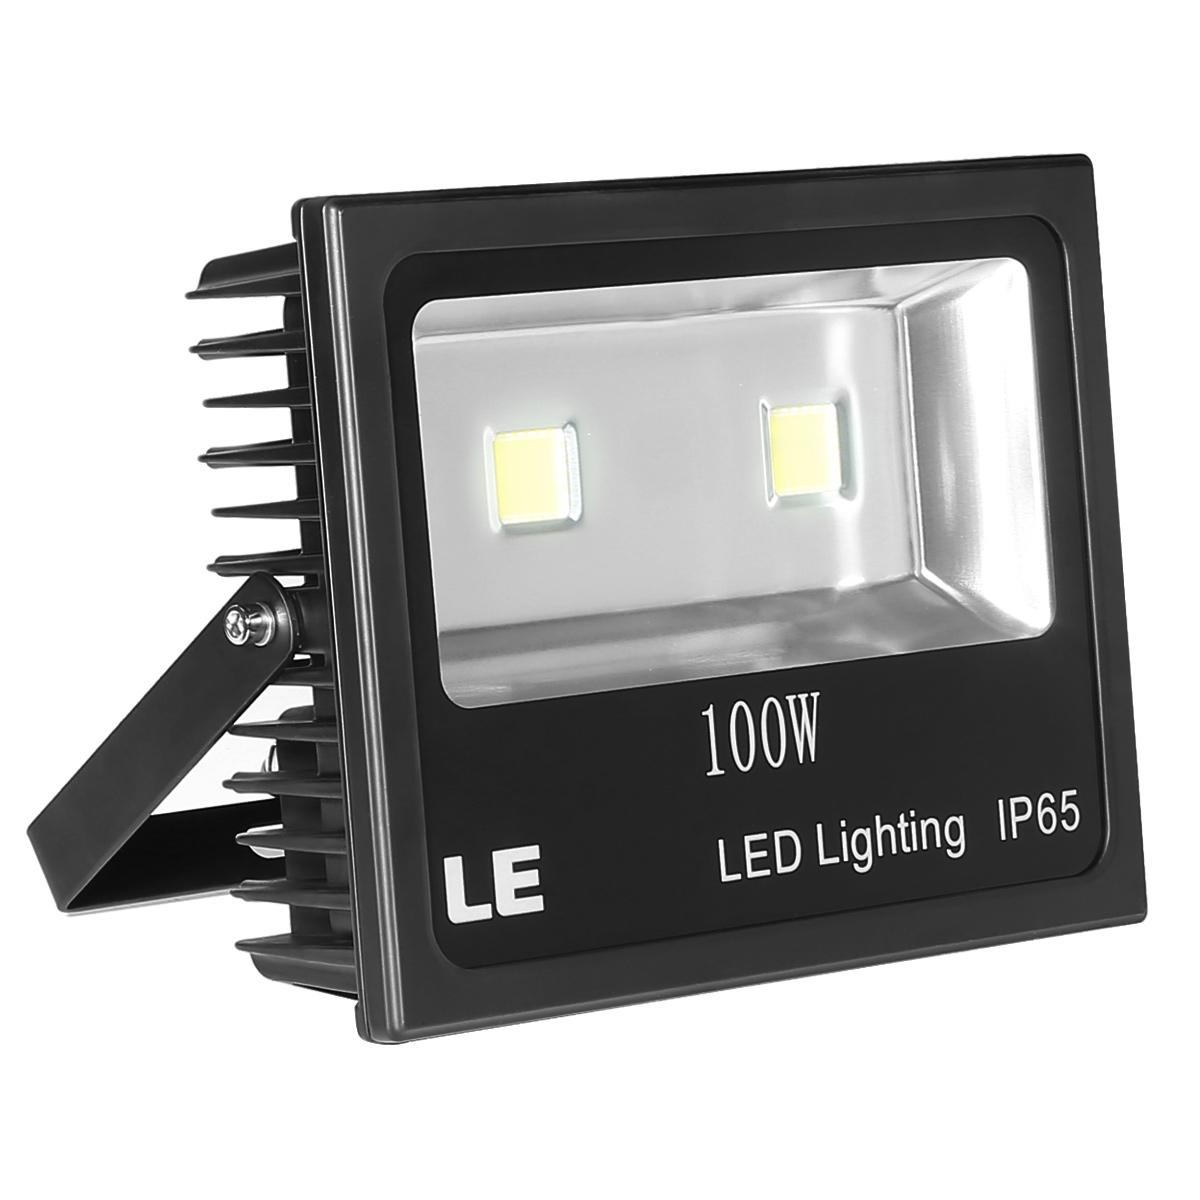 100W LED Strahler, 10150lm Flutlichtstrahler, entspricht 250W HS/MH-Leuchtmittel, wasserdicht, Kaltweiß